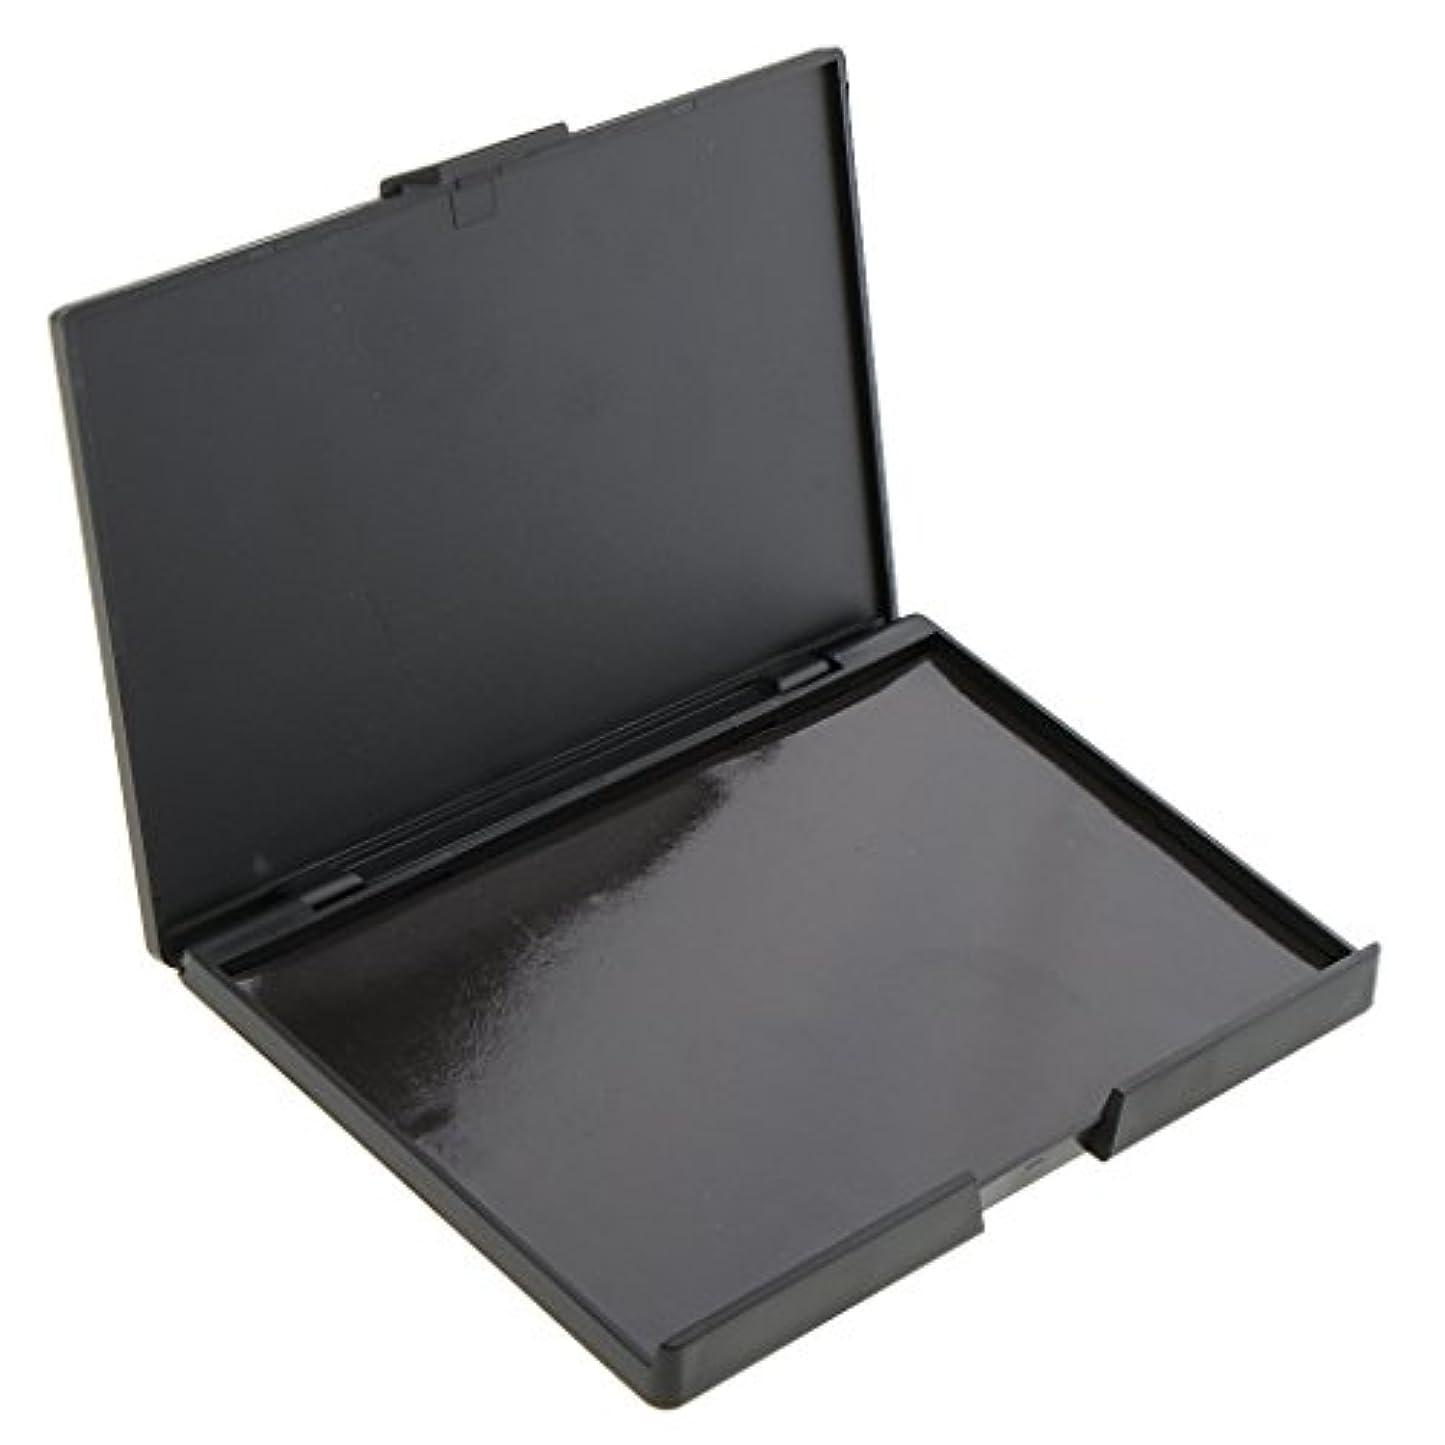 コントラスト限りマナーKesoto DIY アイシャドー 磁気  パレット メイクアップ 便携 収納 組み合わせ ボックス 全3種類 - パレットボックス